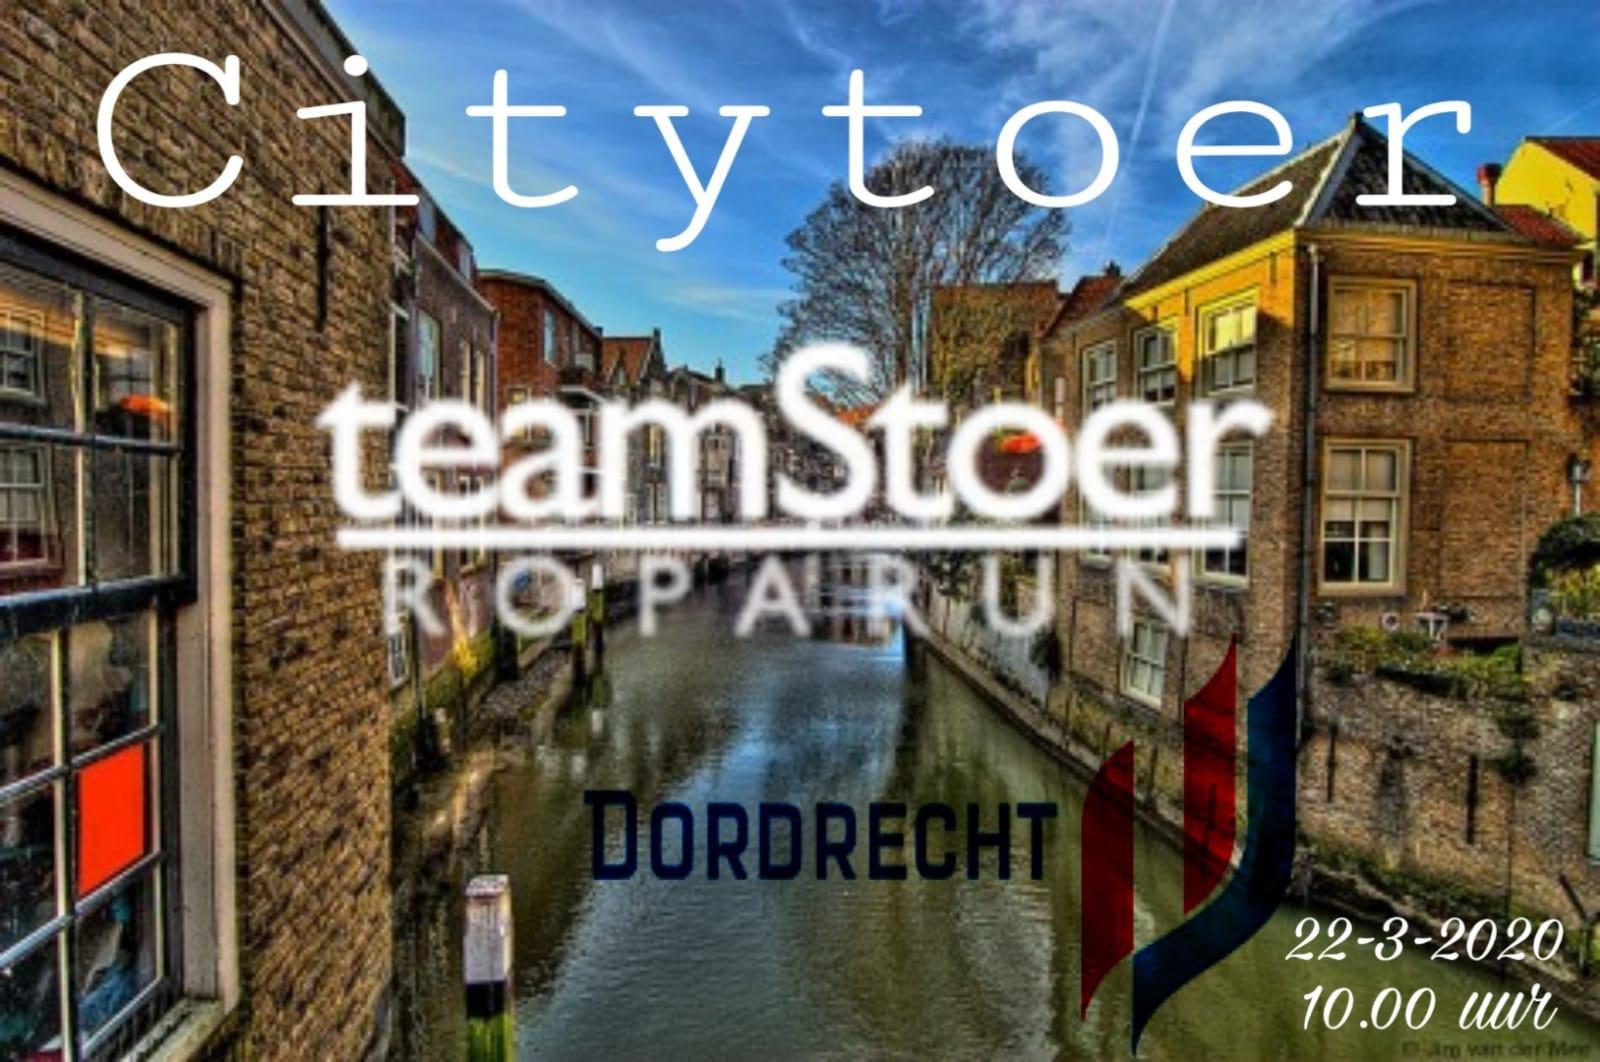 Citytour Dordrecht 800 jaar